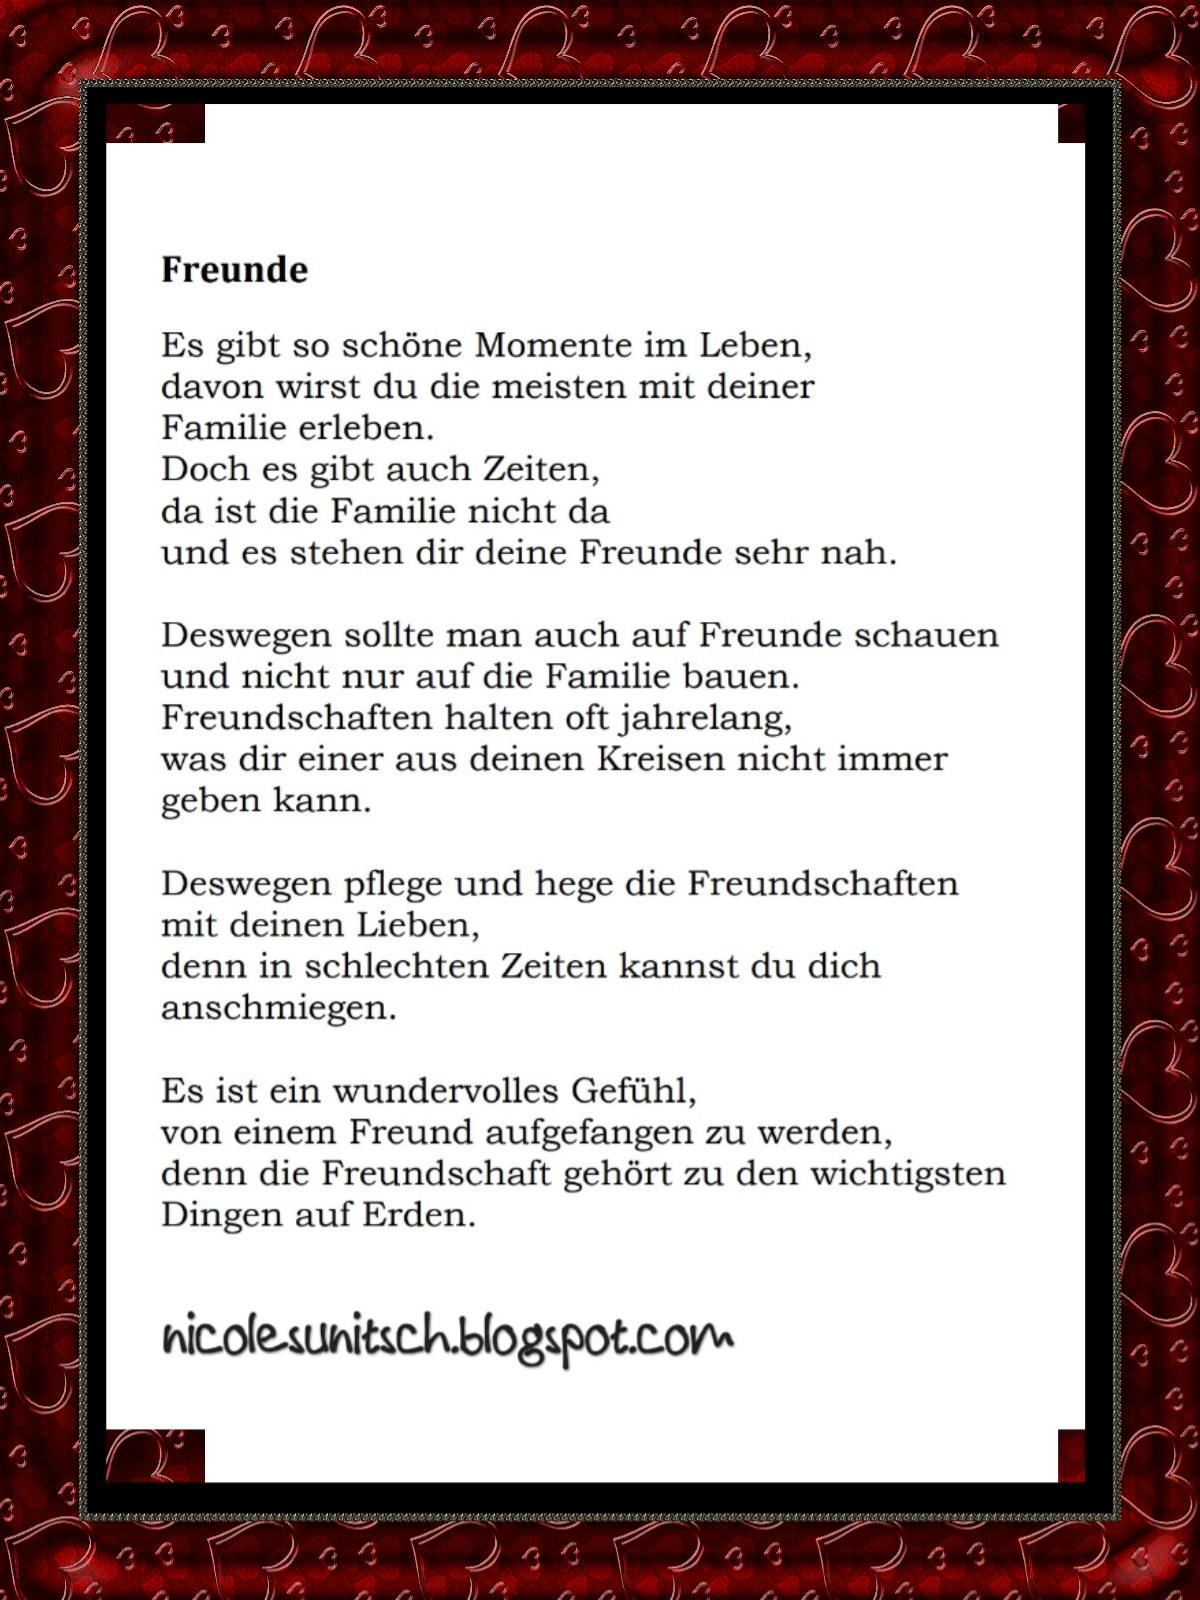 Gedichte Von Nicole Sunitsch Autorin Gedicht Freunde Aus Dem